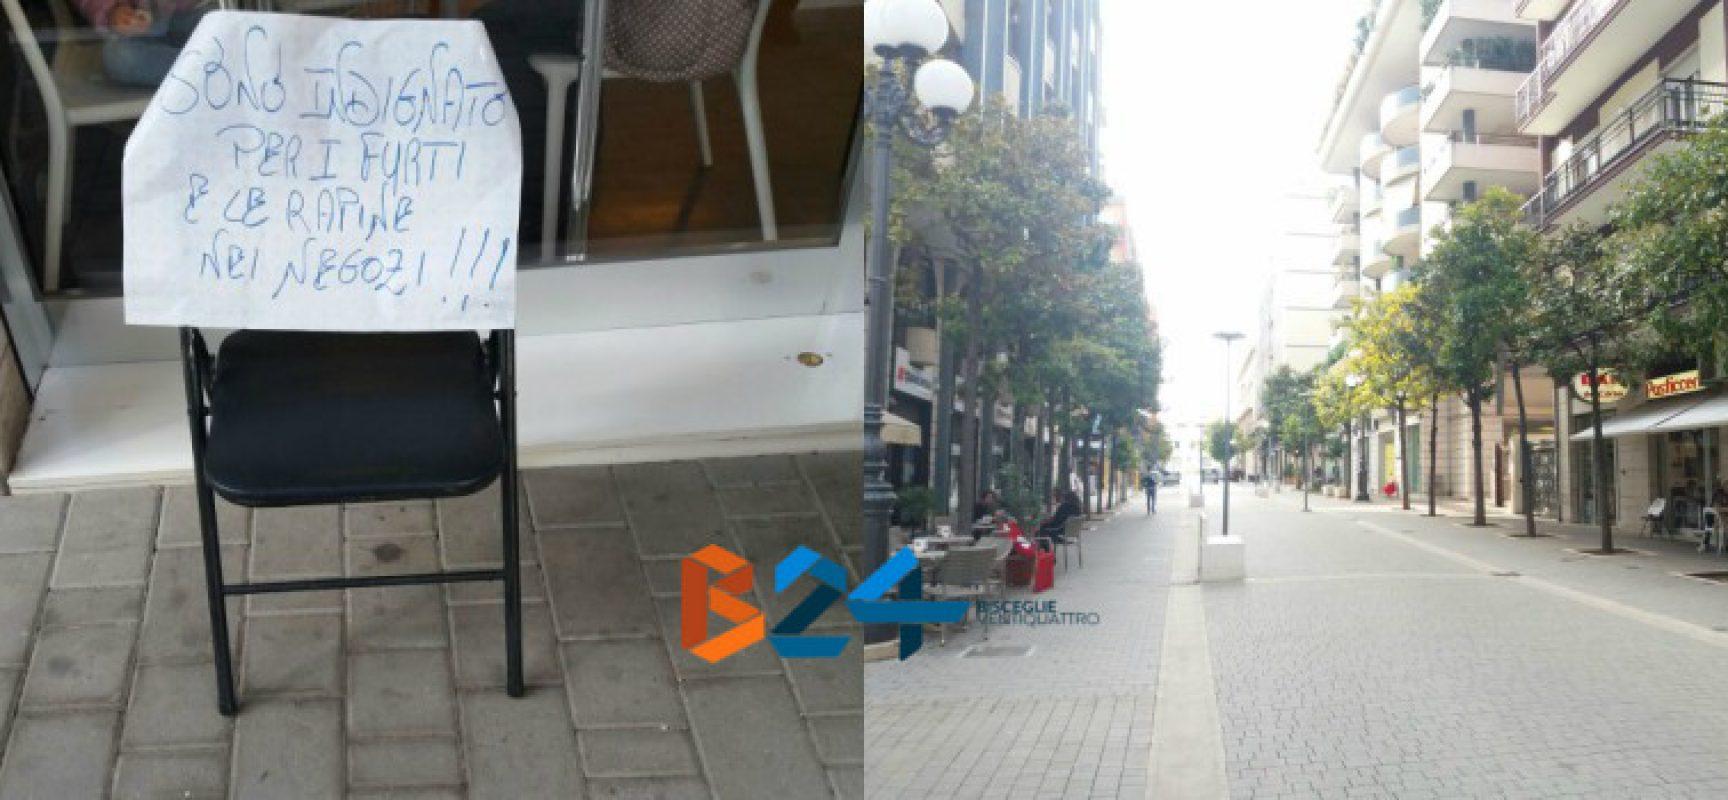 """Sedia con cartello """"indignato per furti e rapine"""", la protesta di un bar di via Aldo Moro"""